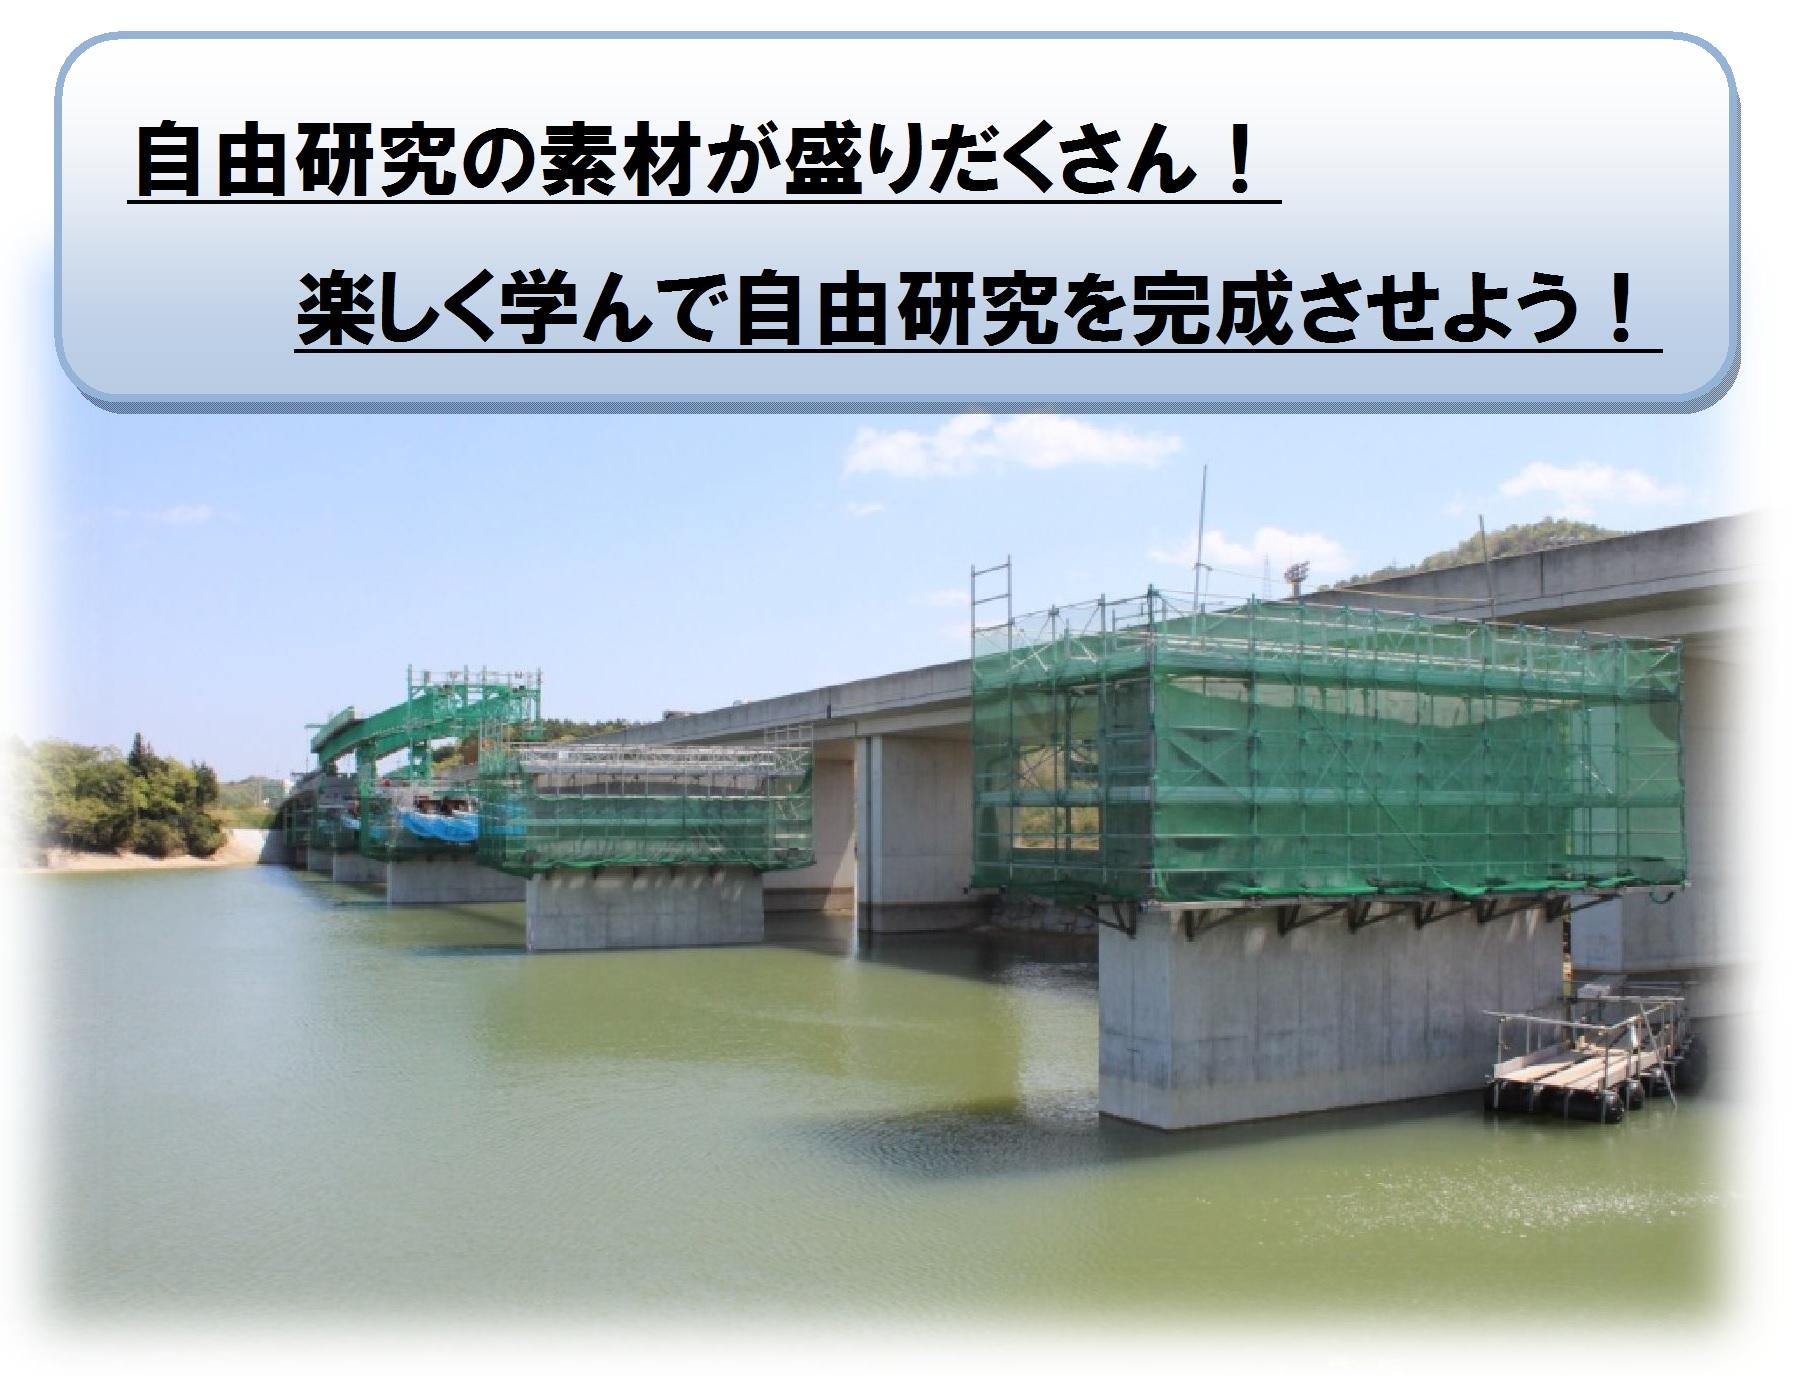 高松自動車道で特殊な工法で施工される宮池橋